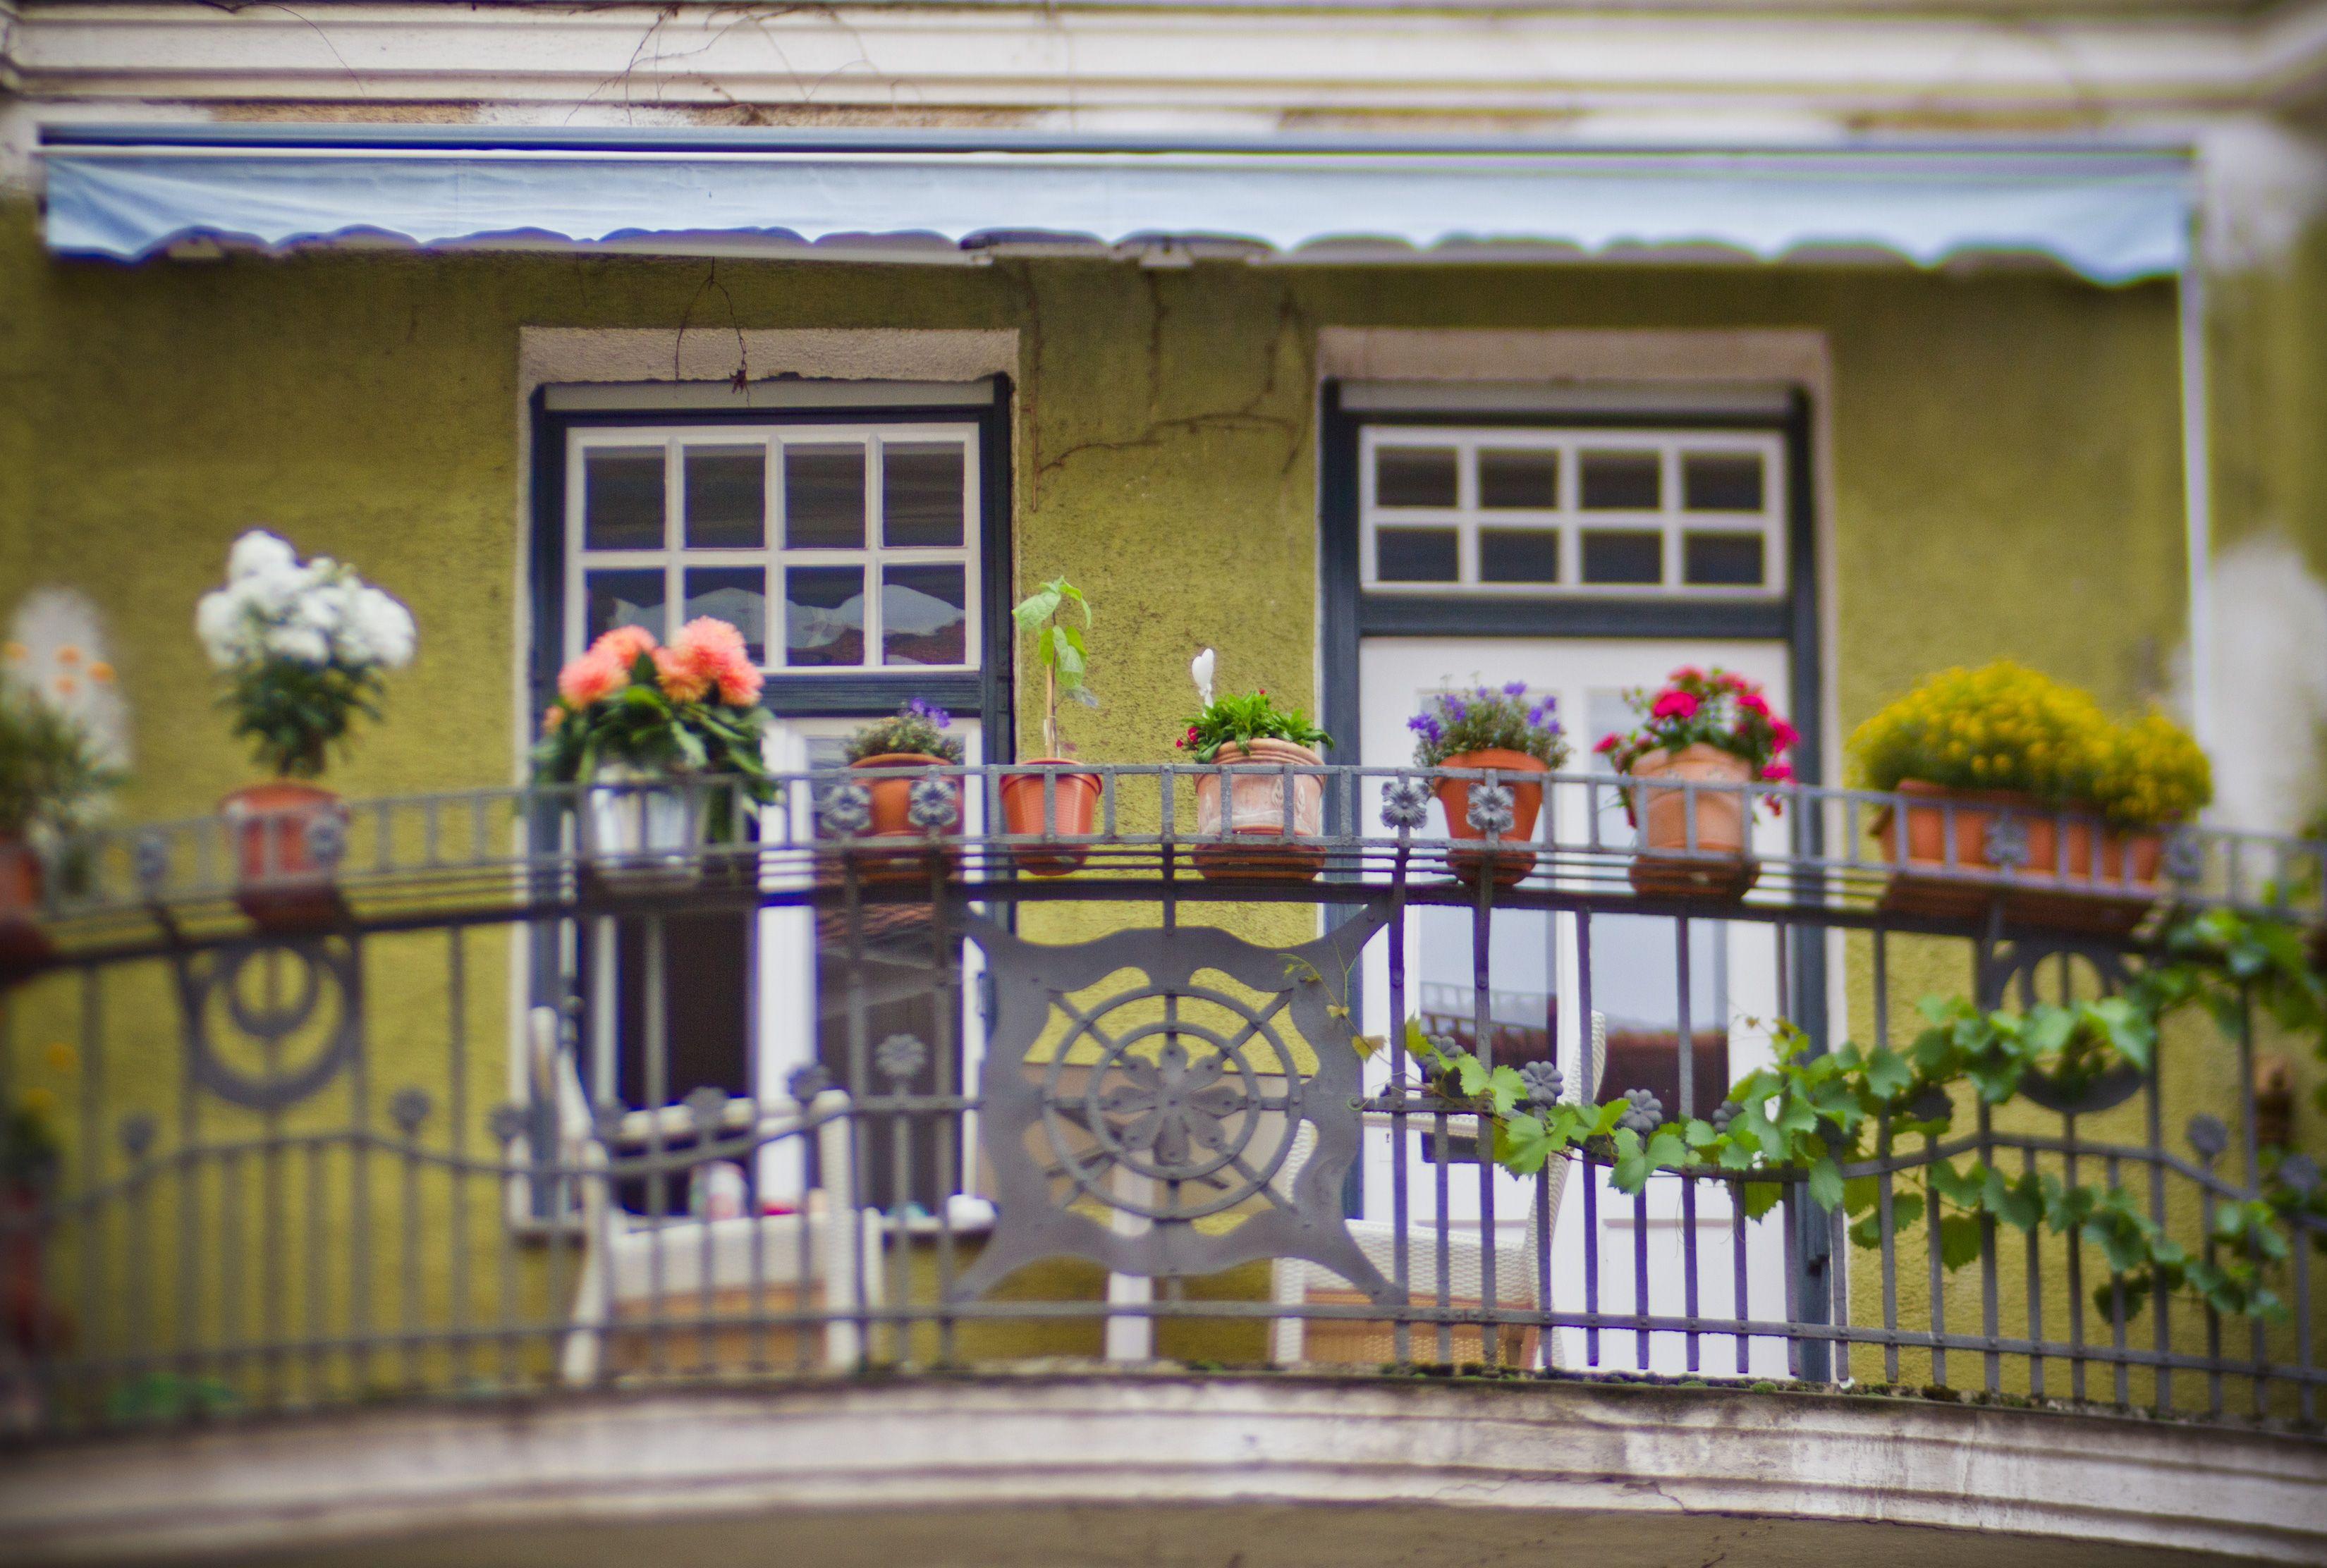 Wohnen, Leben, Nachbarschaft, Lifestyle, Kiez, Stadtteil